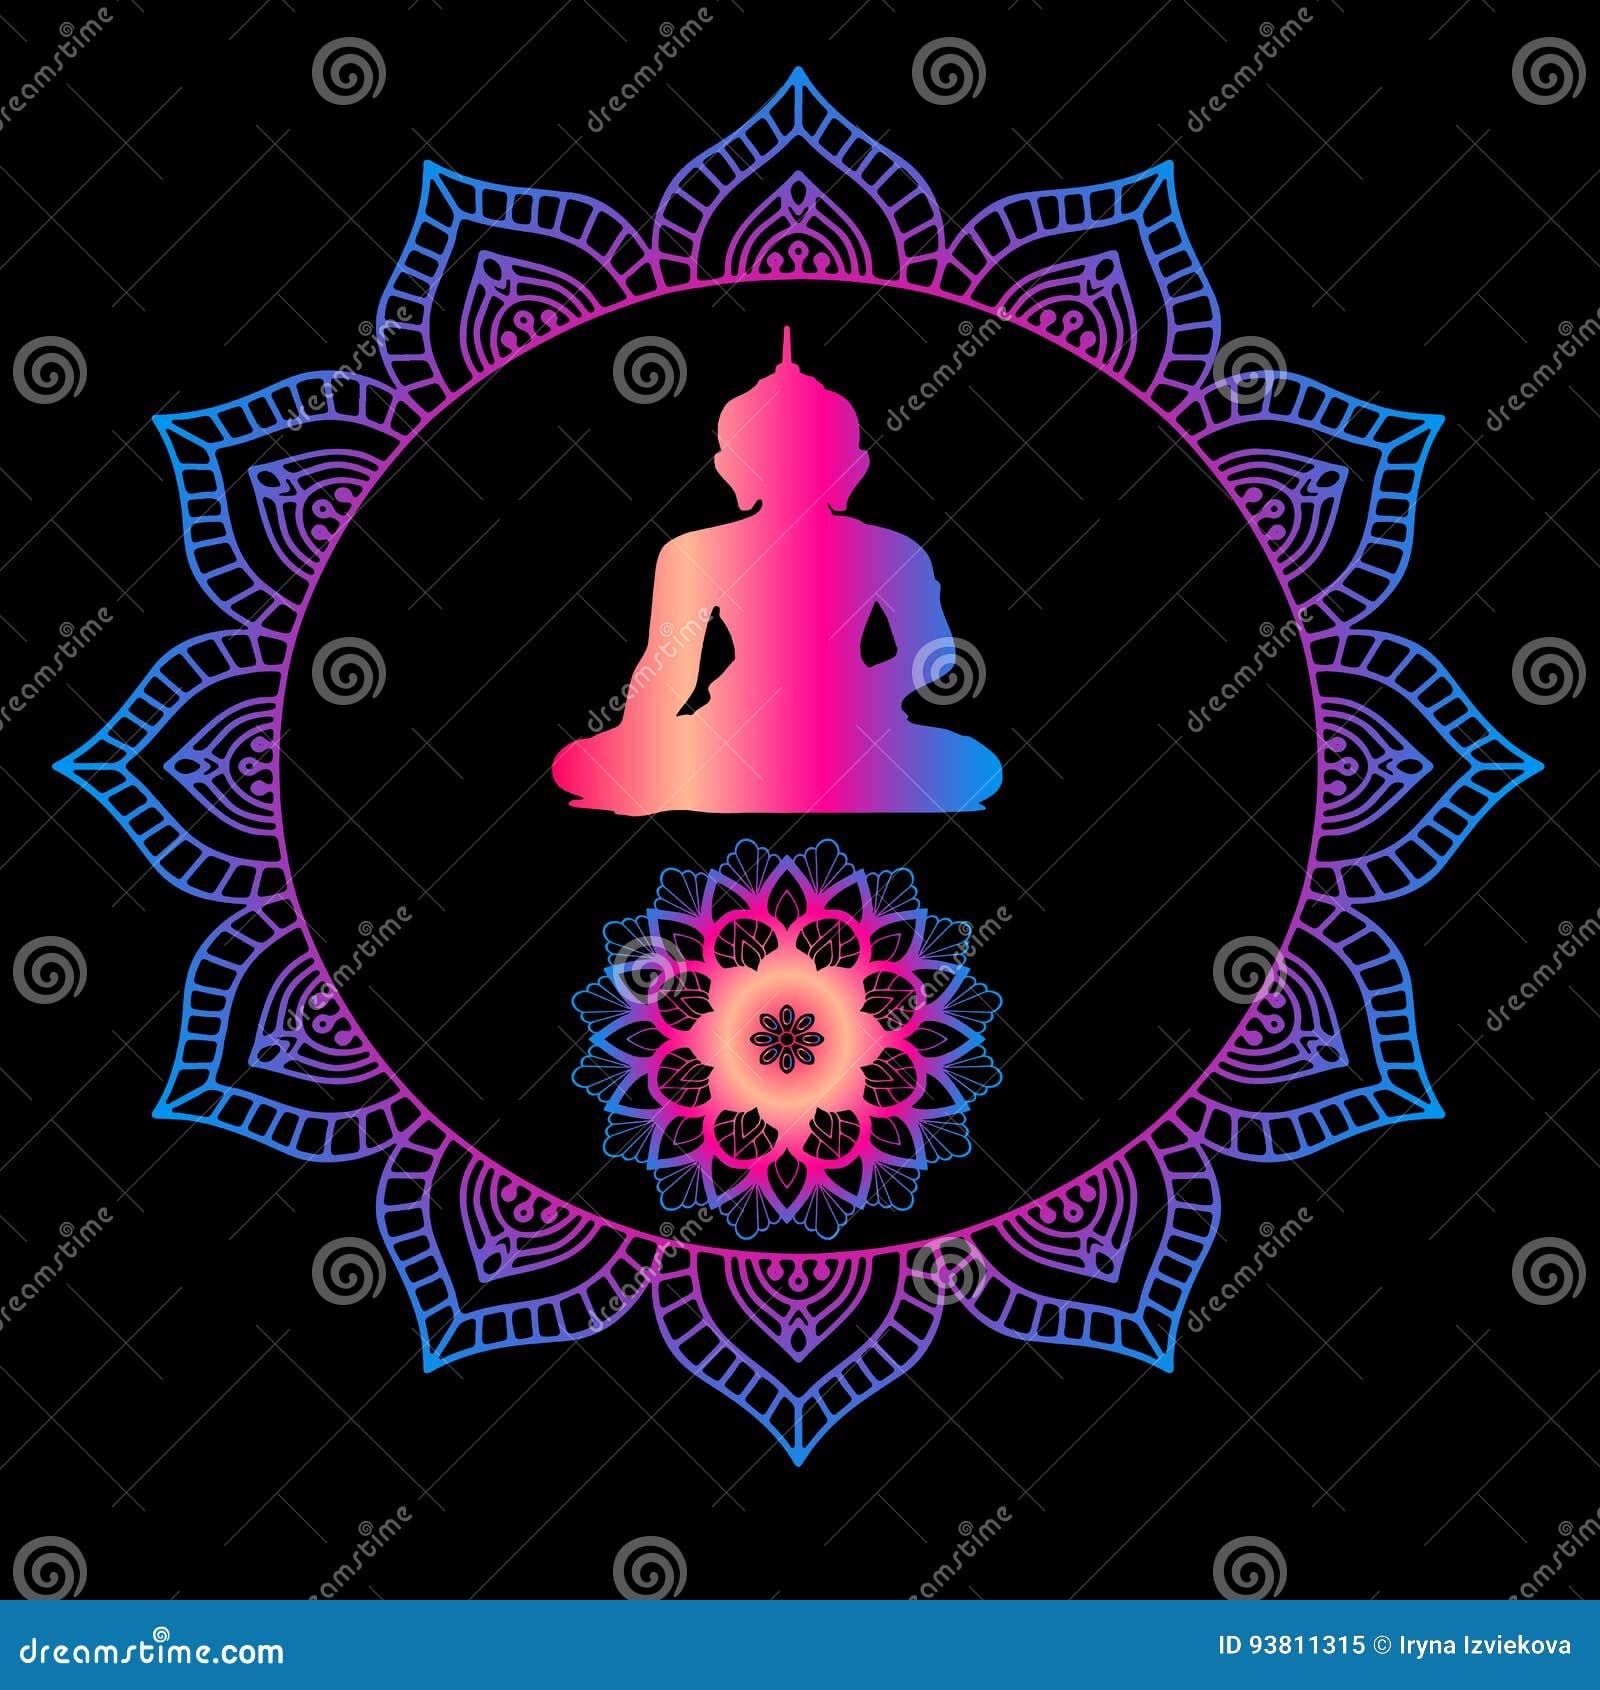 mandala essay about religion